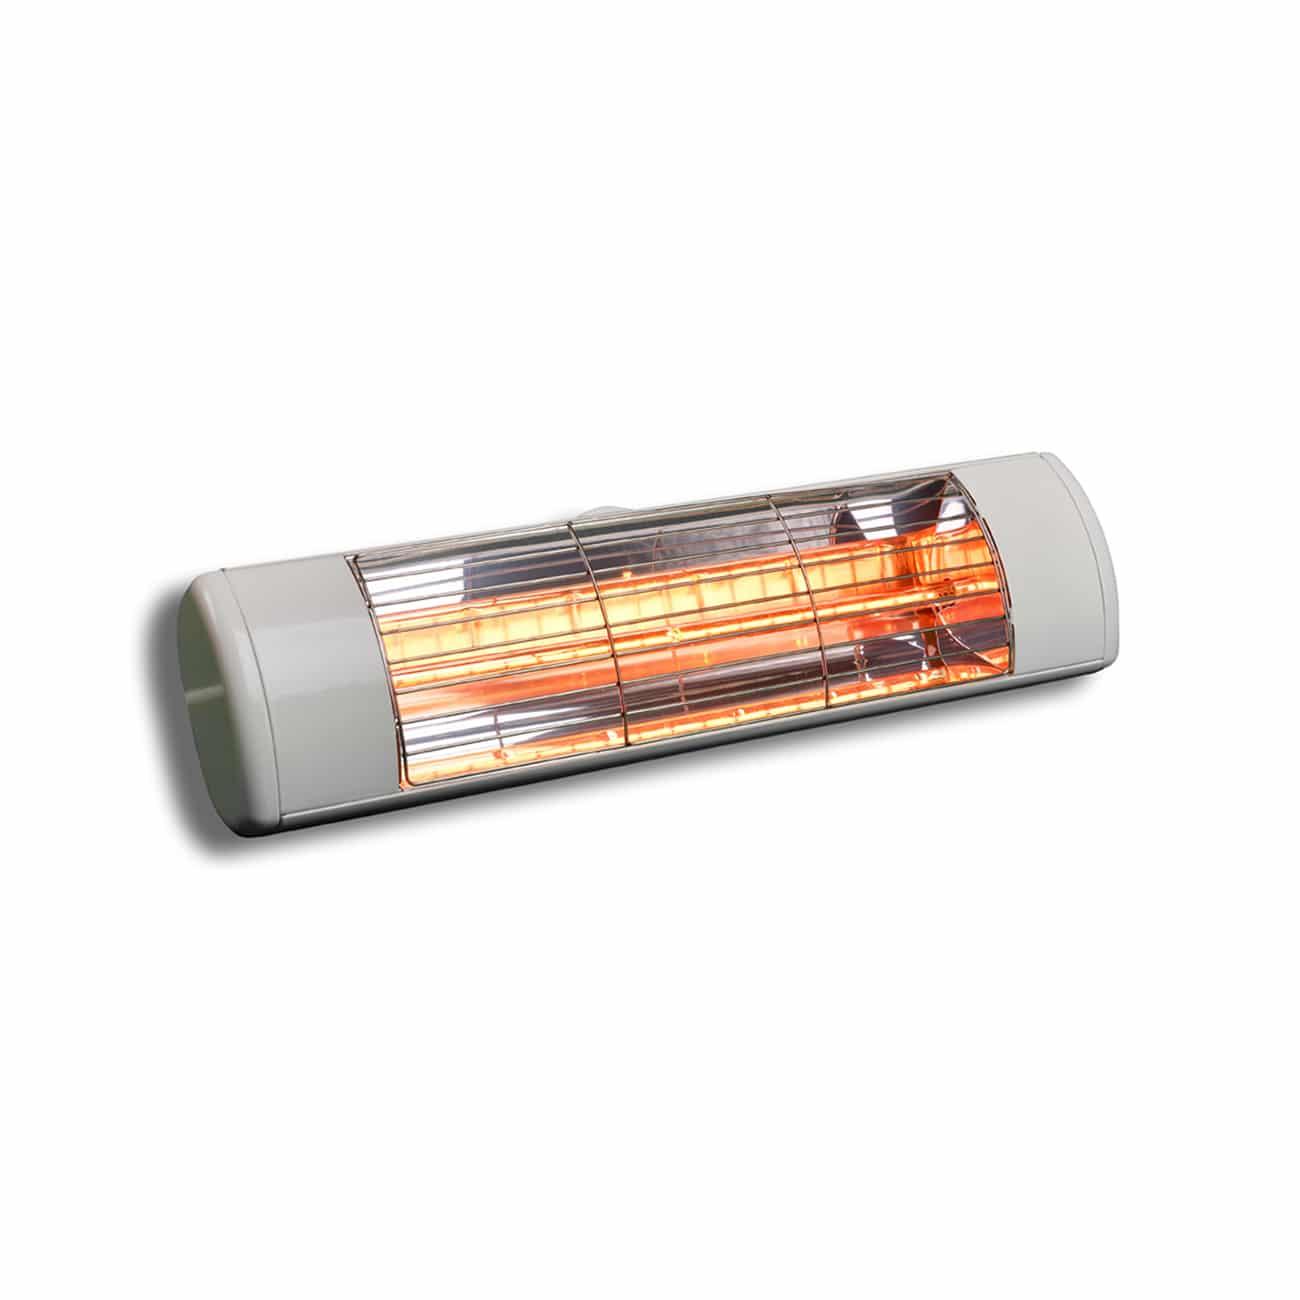 תנור חימום אינפרא חשמלי לבן 1500 וואט